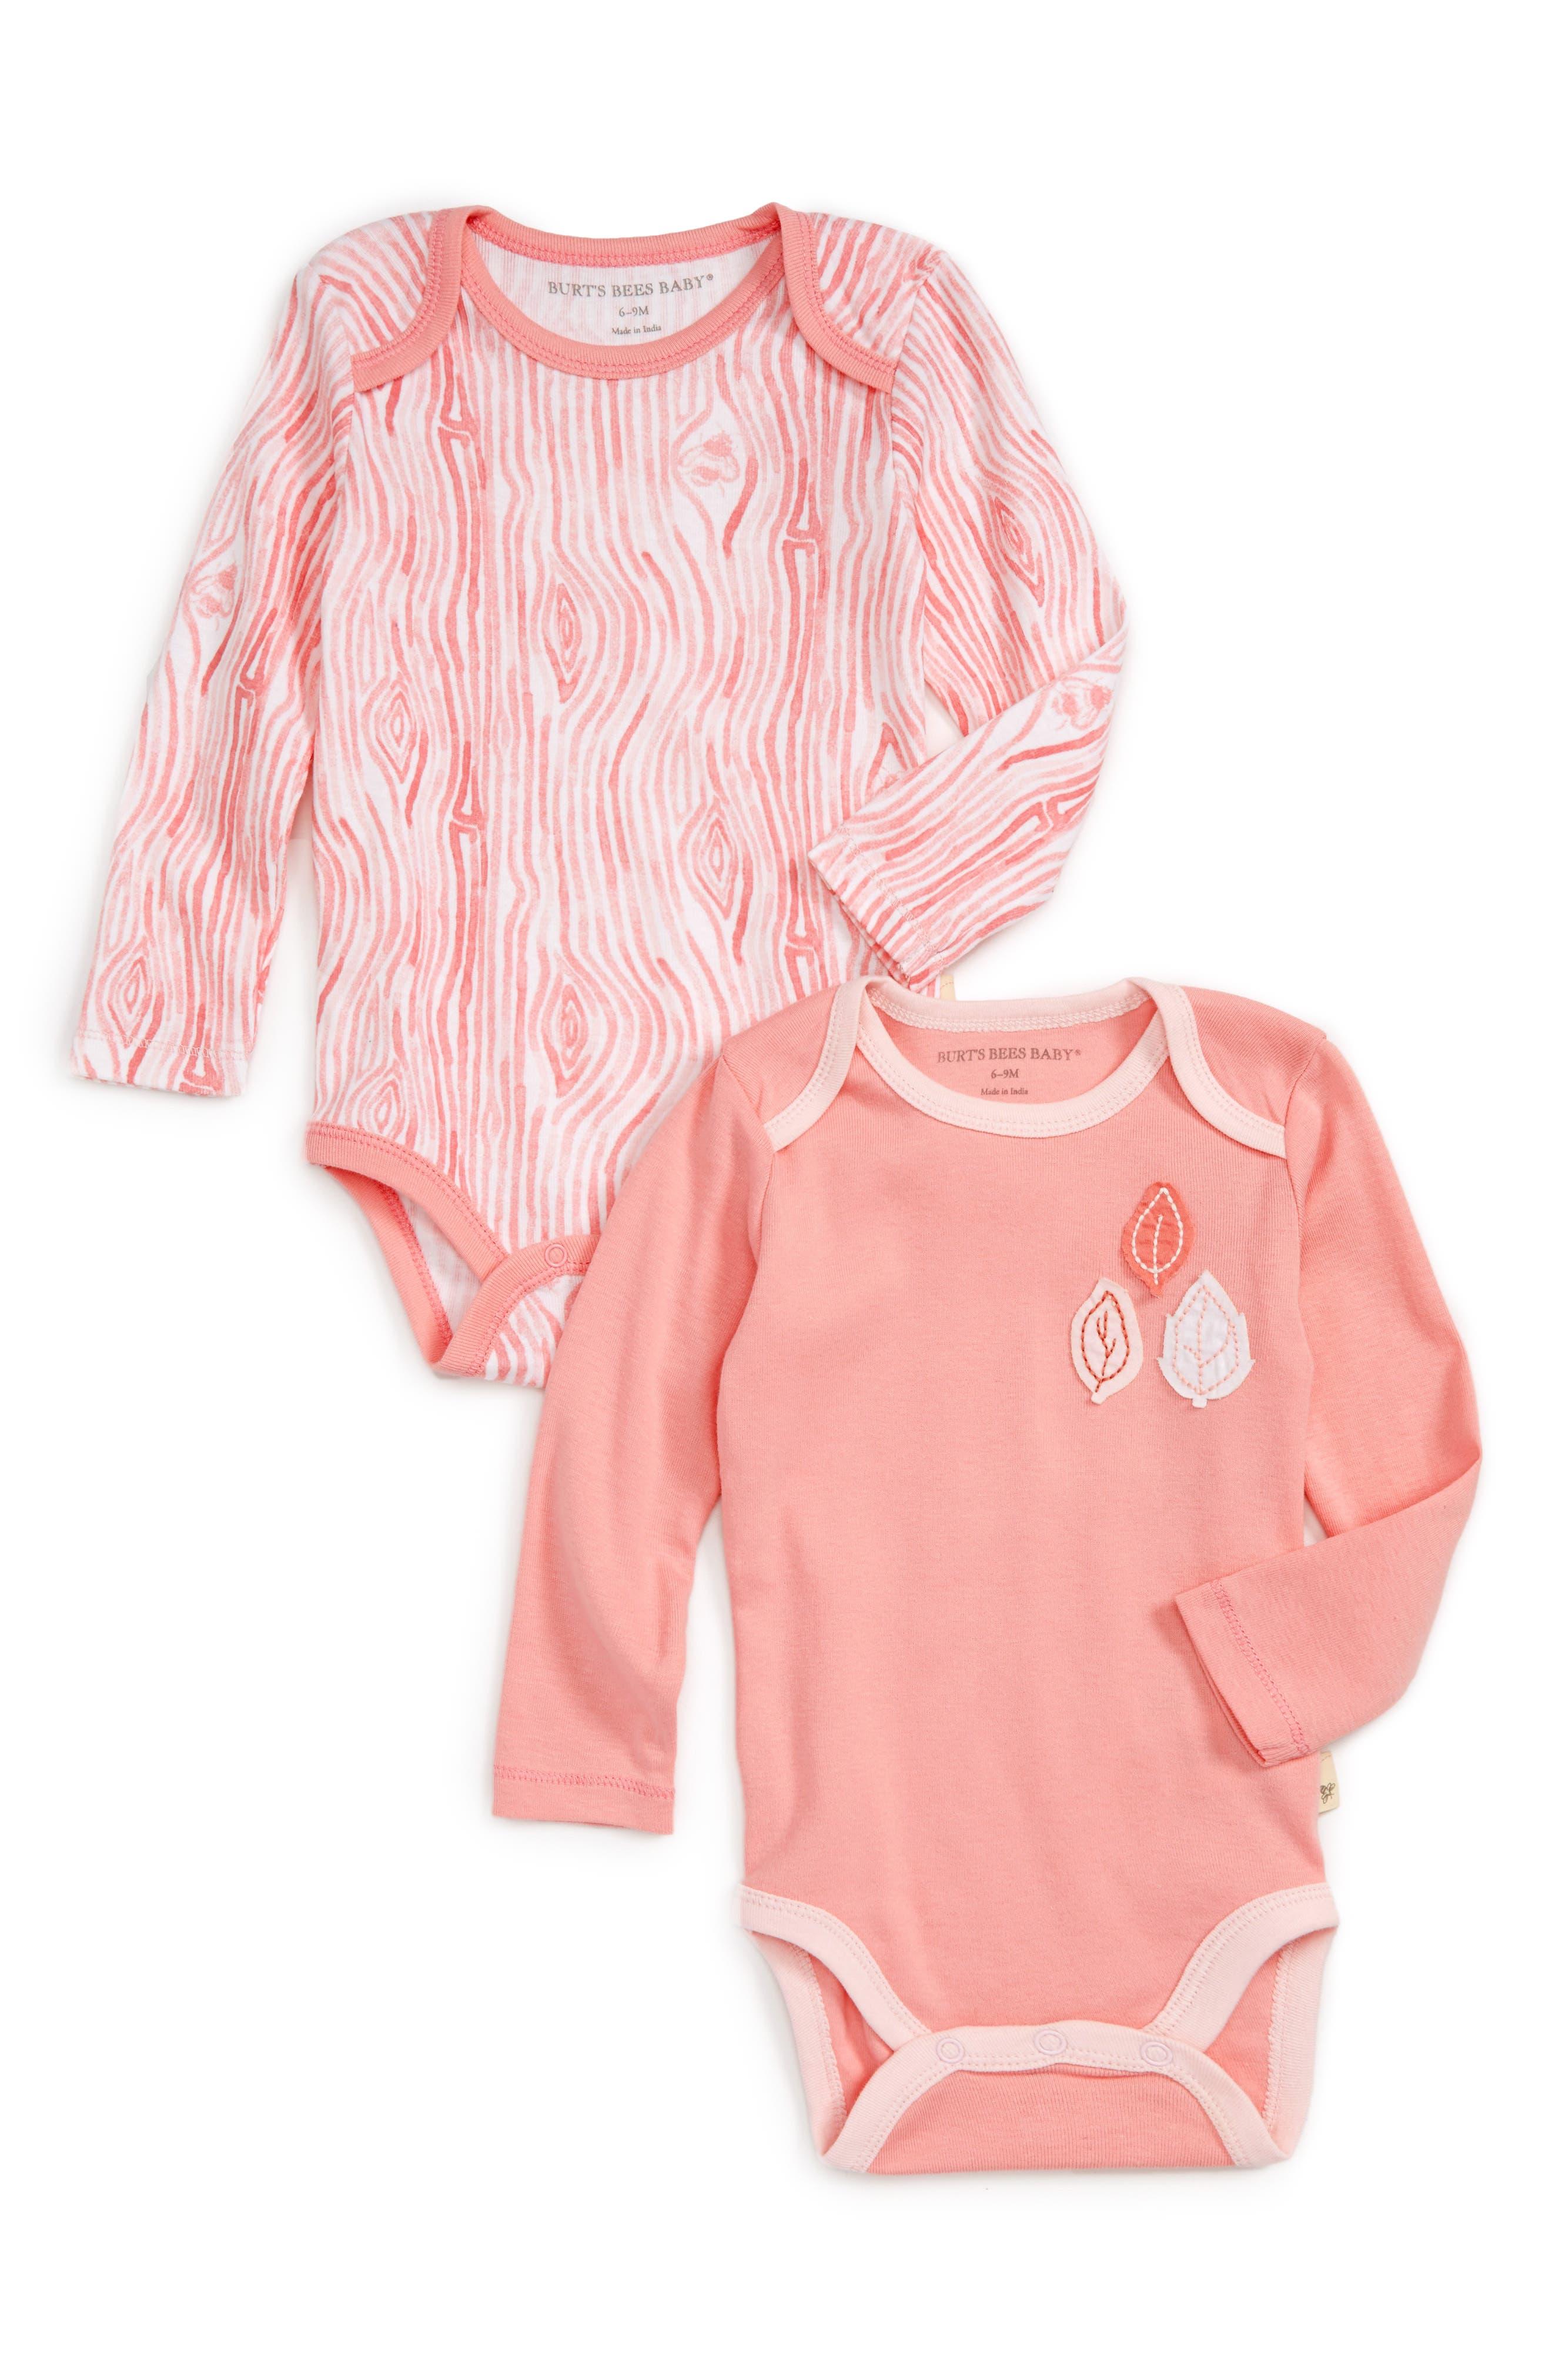 Main Image - Burt's Bees Baby Woodgrain 2-Pack Organic Cotton Bodysuits (Baby Girls)